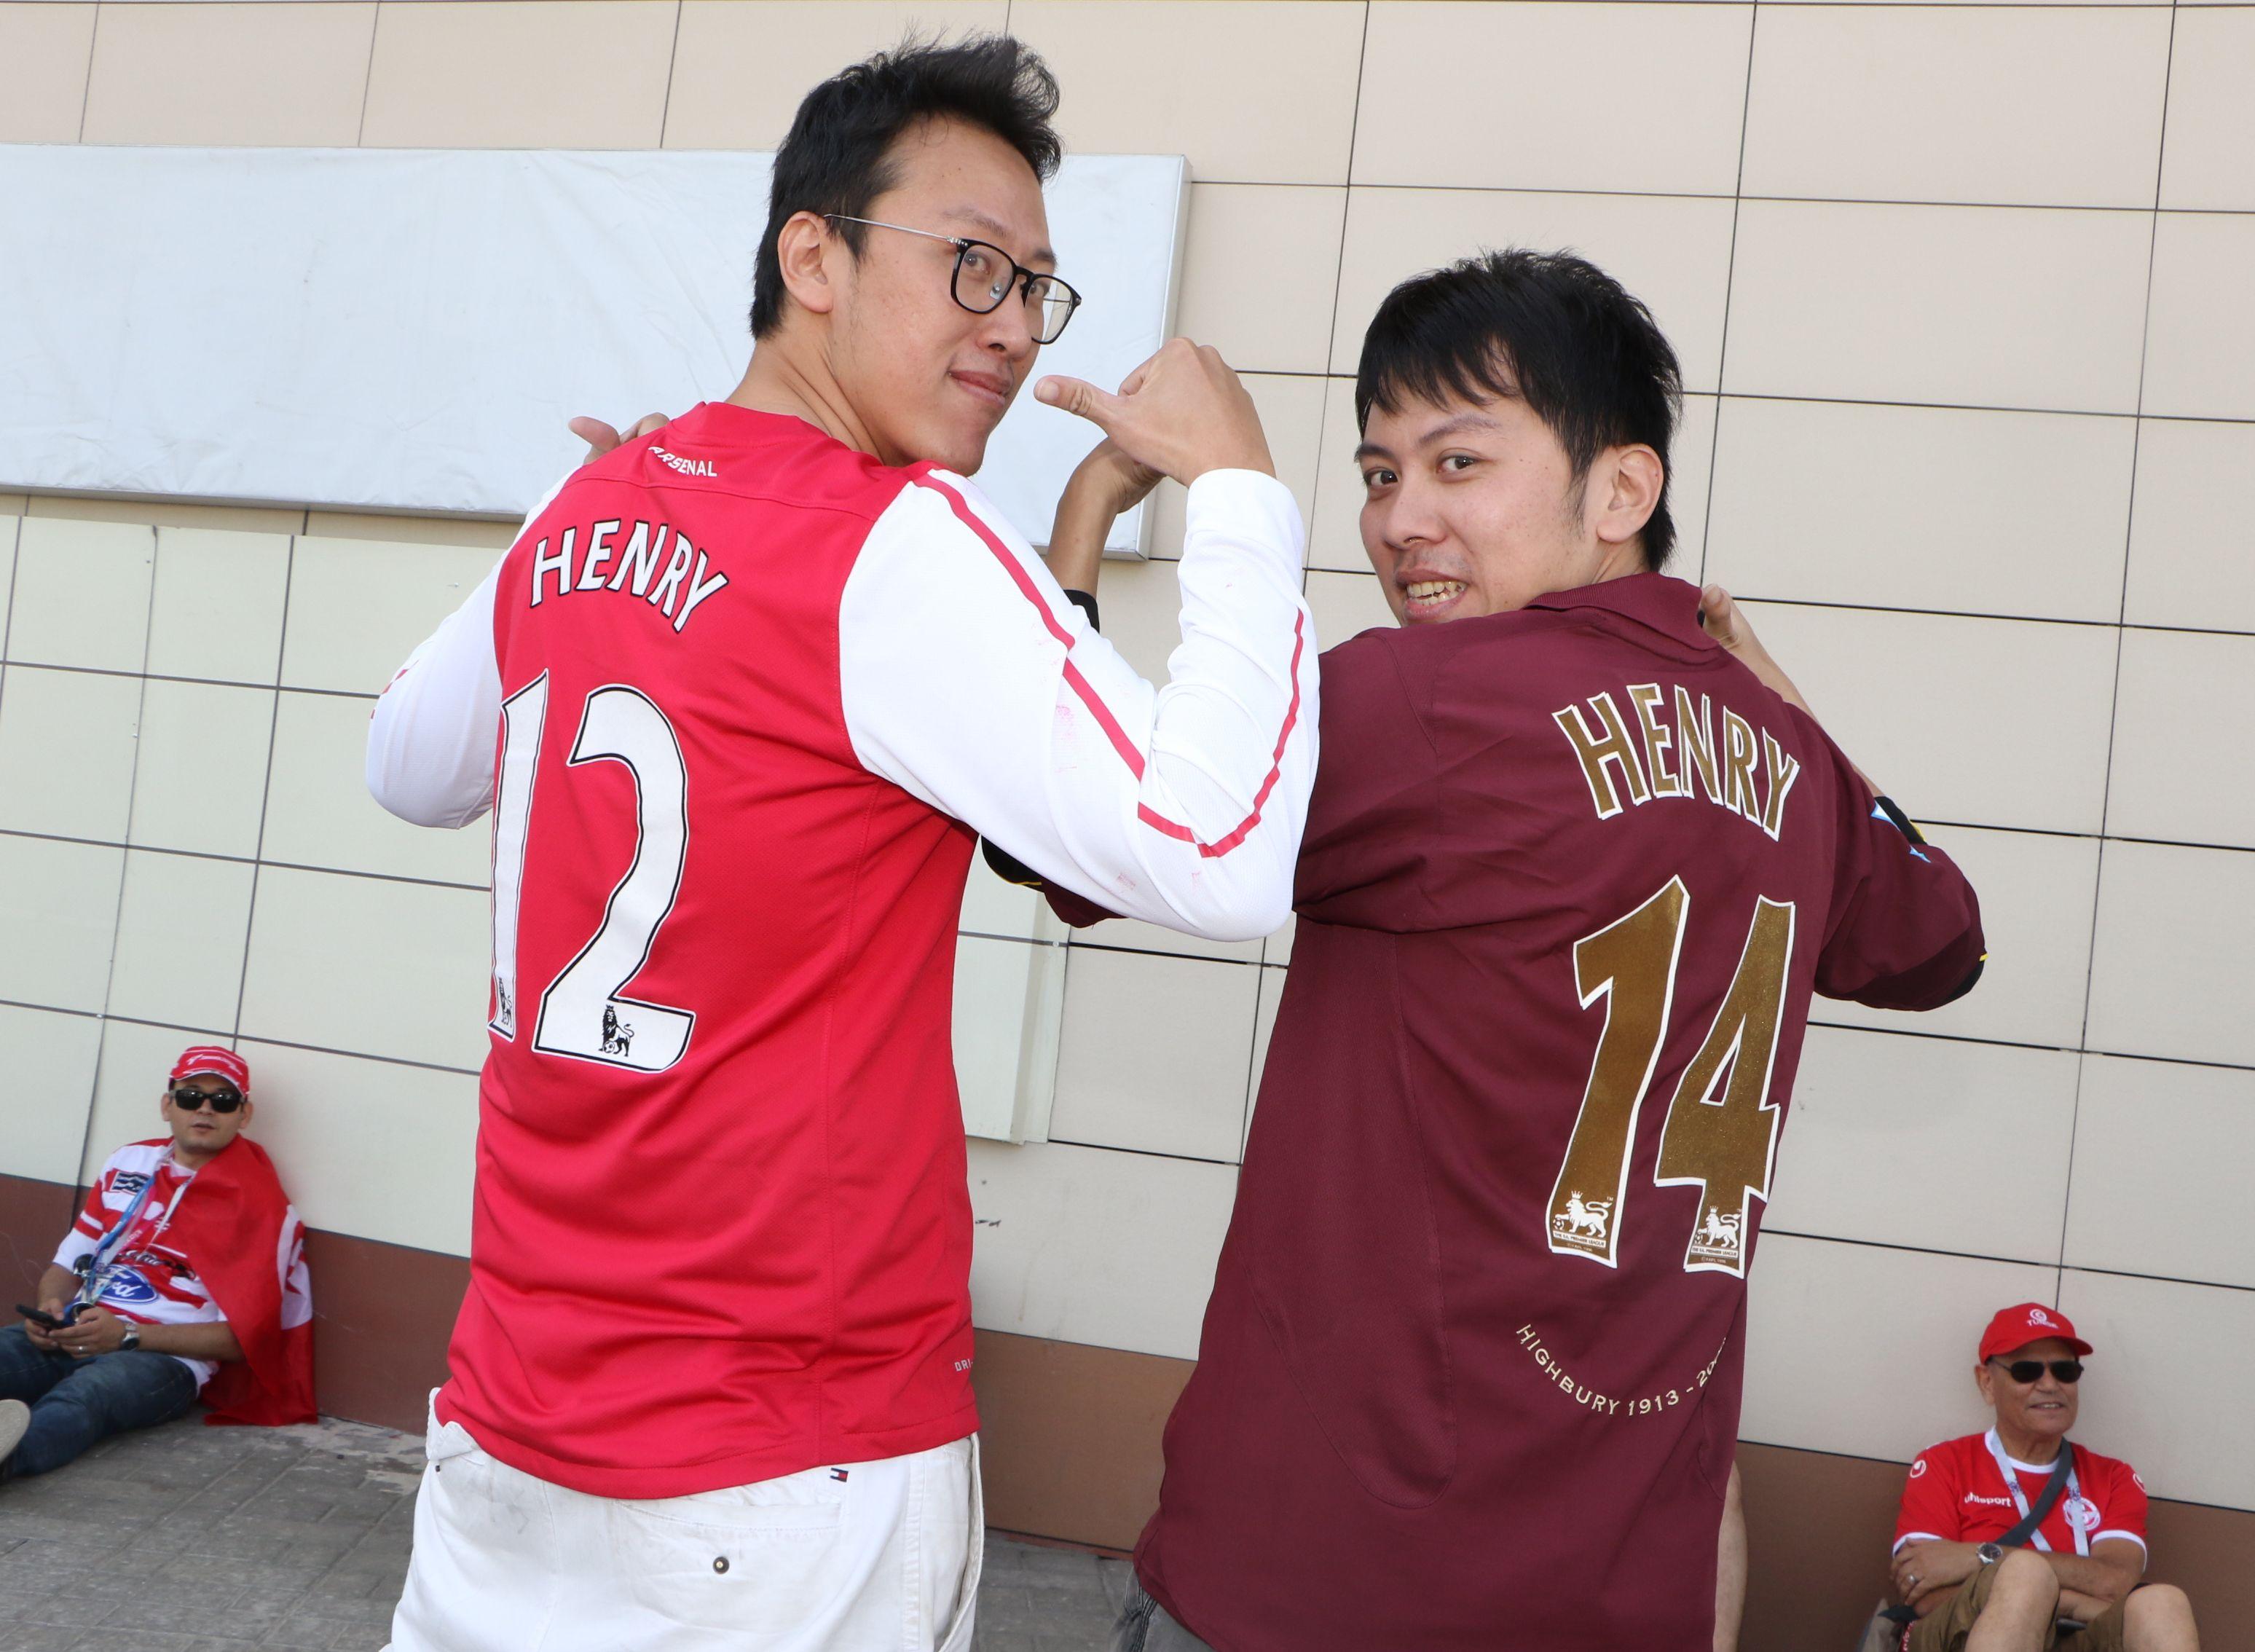 來自台灣的兩兄弟,分別穿上槍手○六年特別版球衣及一二年亨利由紐約紅牛回巢助拳的球衣為其打氣。